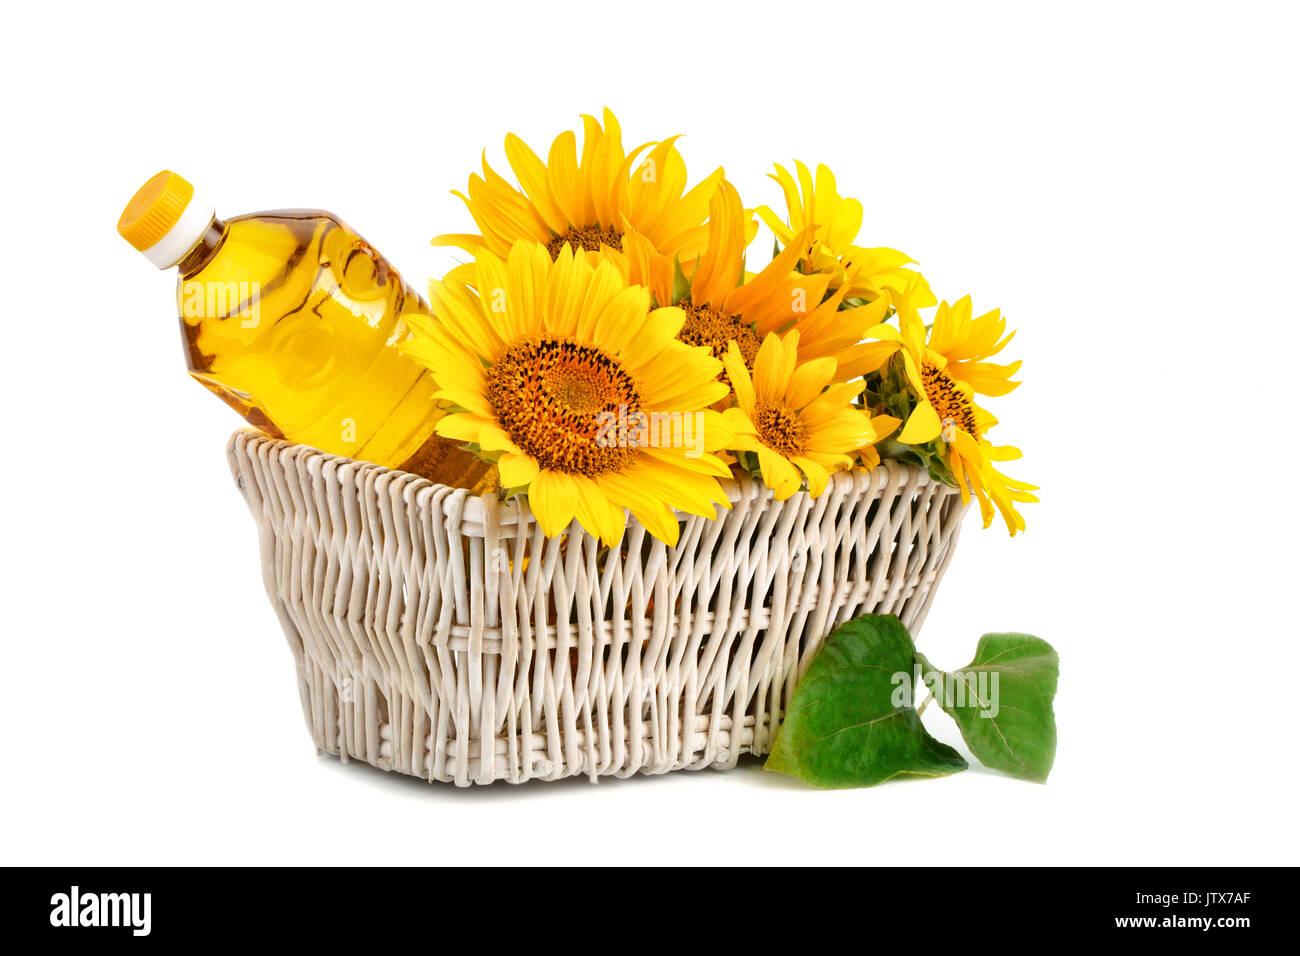 Beautiful flowers of sunflower and sunflower oil in a rustic basket beautiful flowers of sunflower and sunflower oil in a rustic basket stock photo 153011223 alamy izmirmasajfo